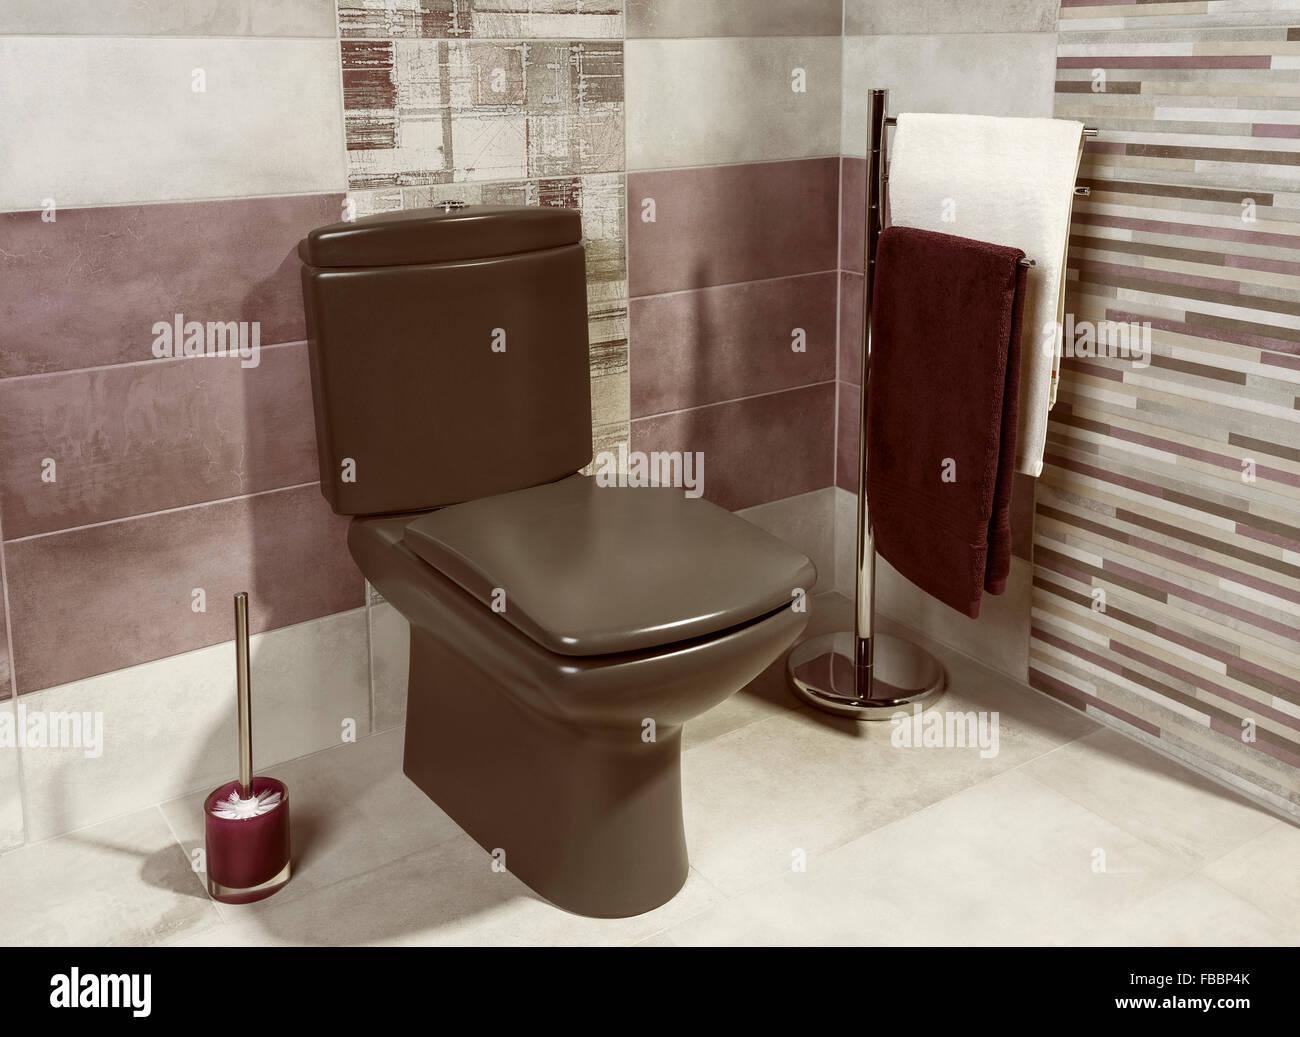 Dettaglio di un moderno bagno privato interno con le mattonelle